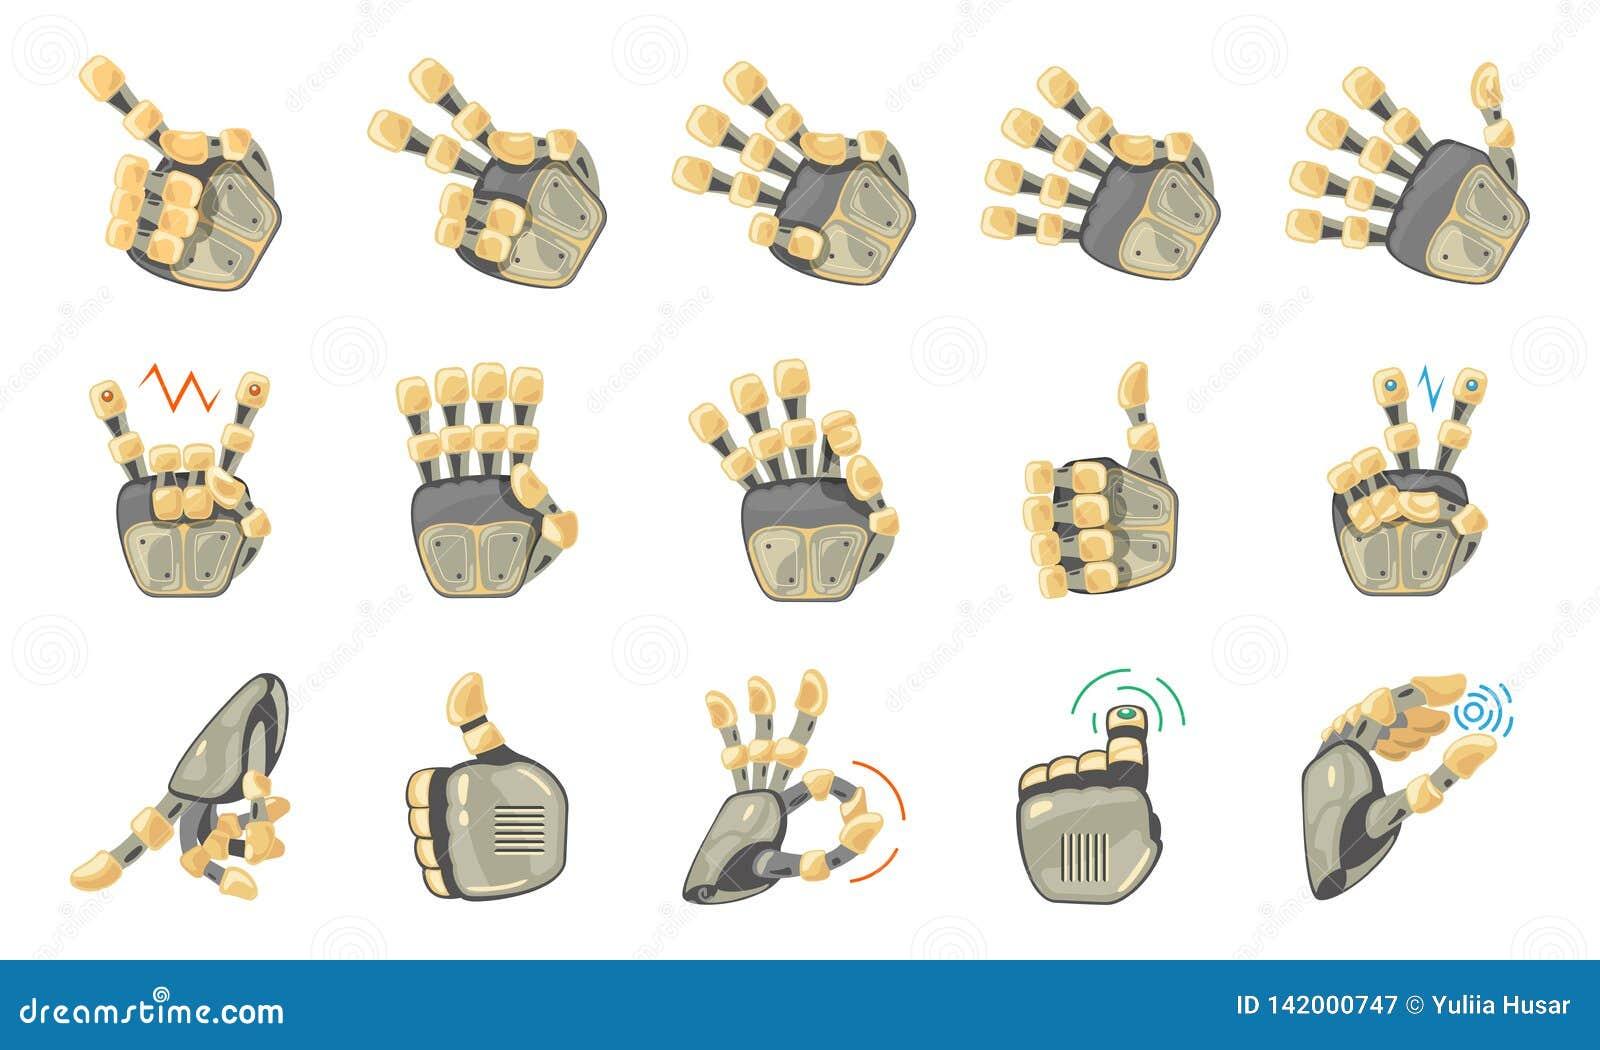 Robot hand gestures. Robotic hands. Mechanical technology machine engineering symbol. Hand gestures set. Big robot arm.